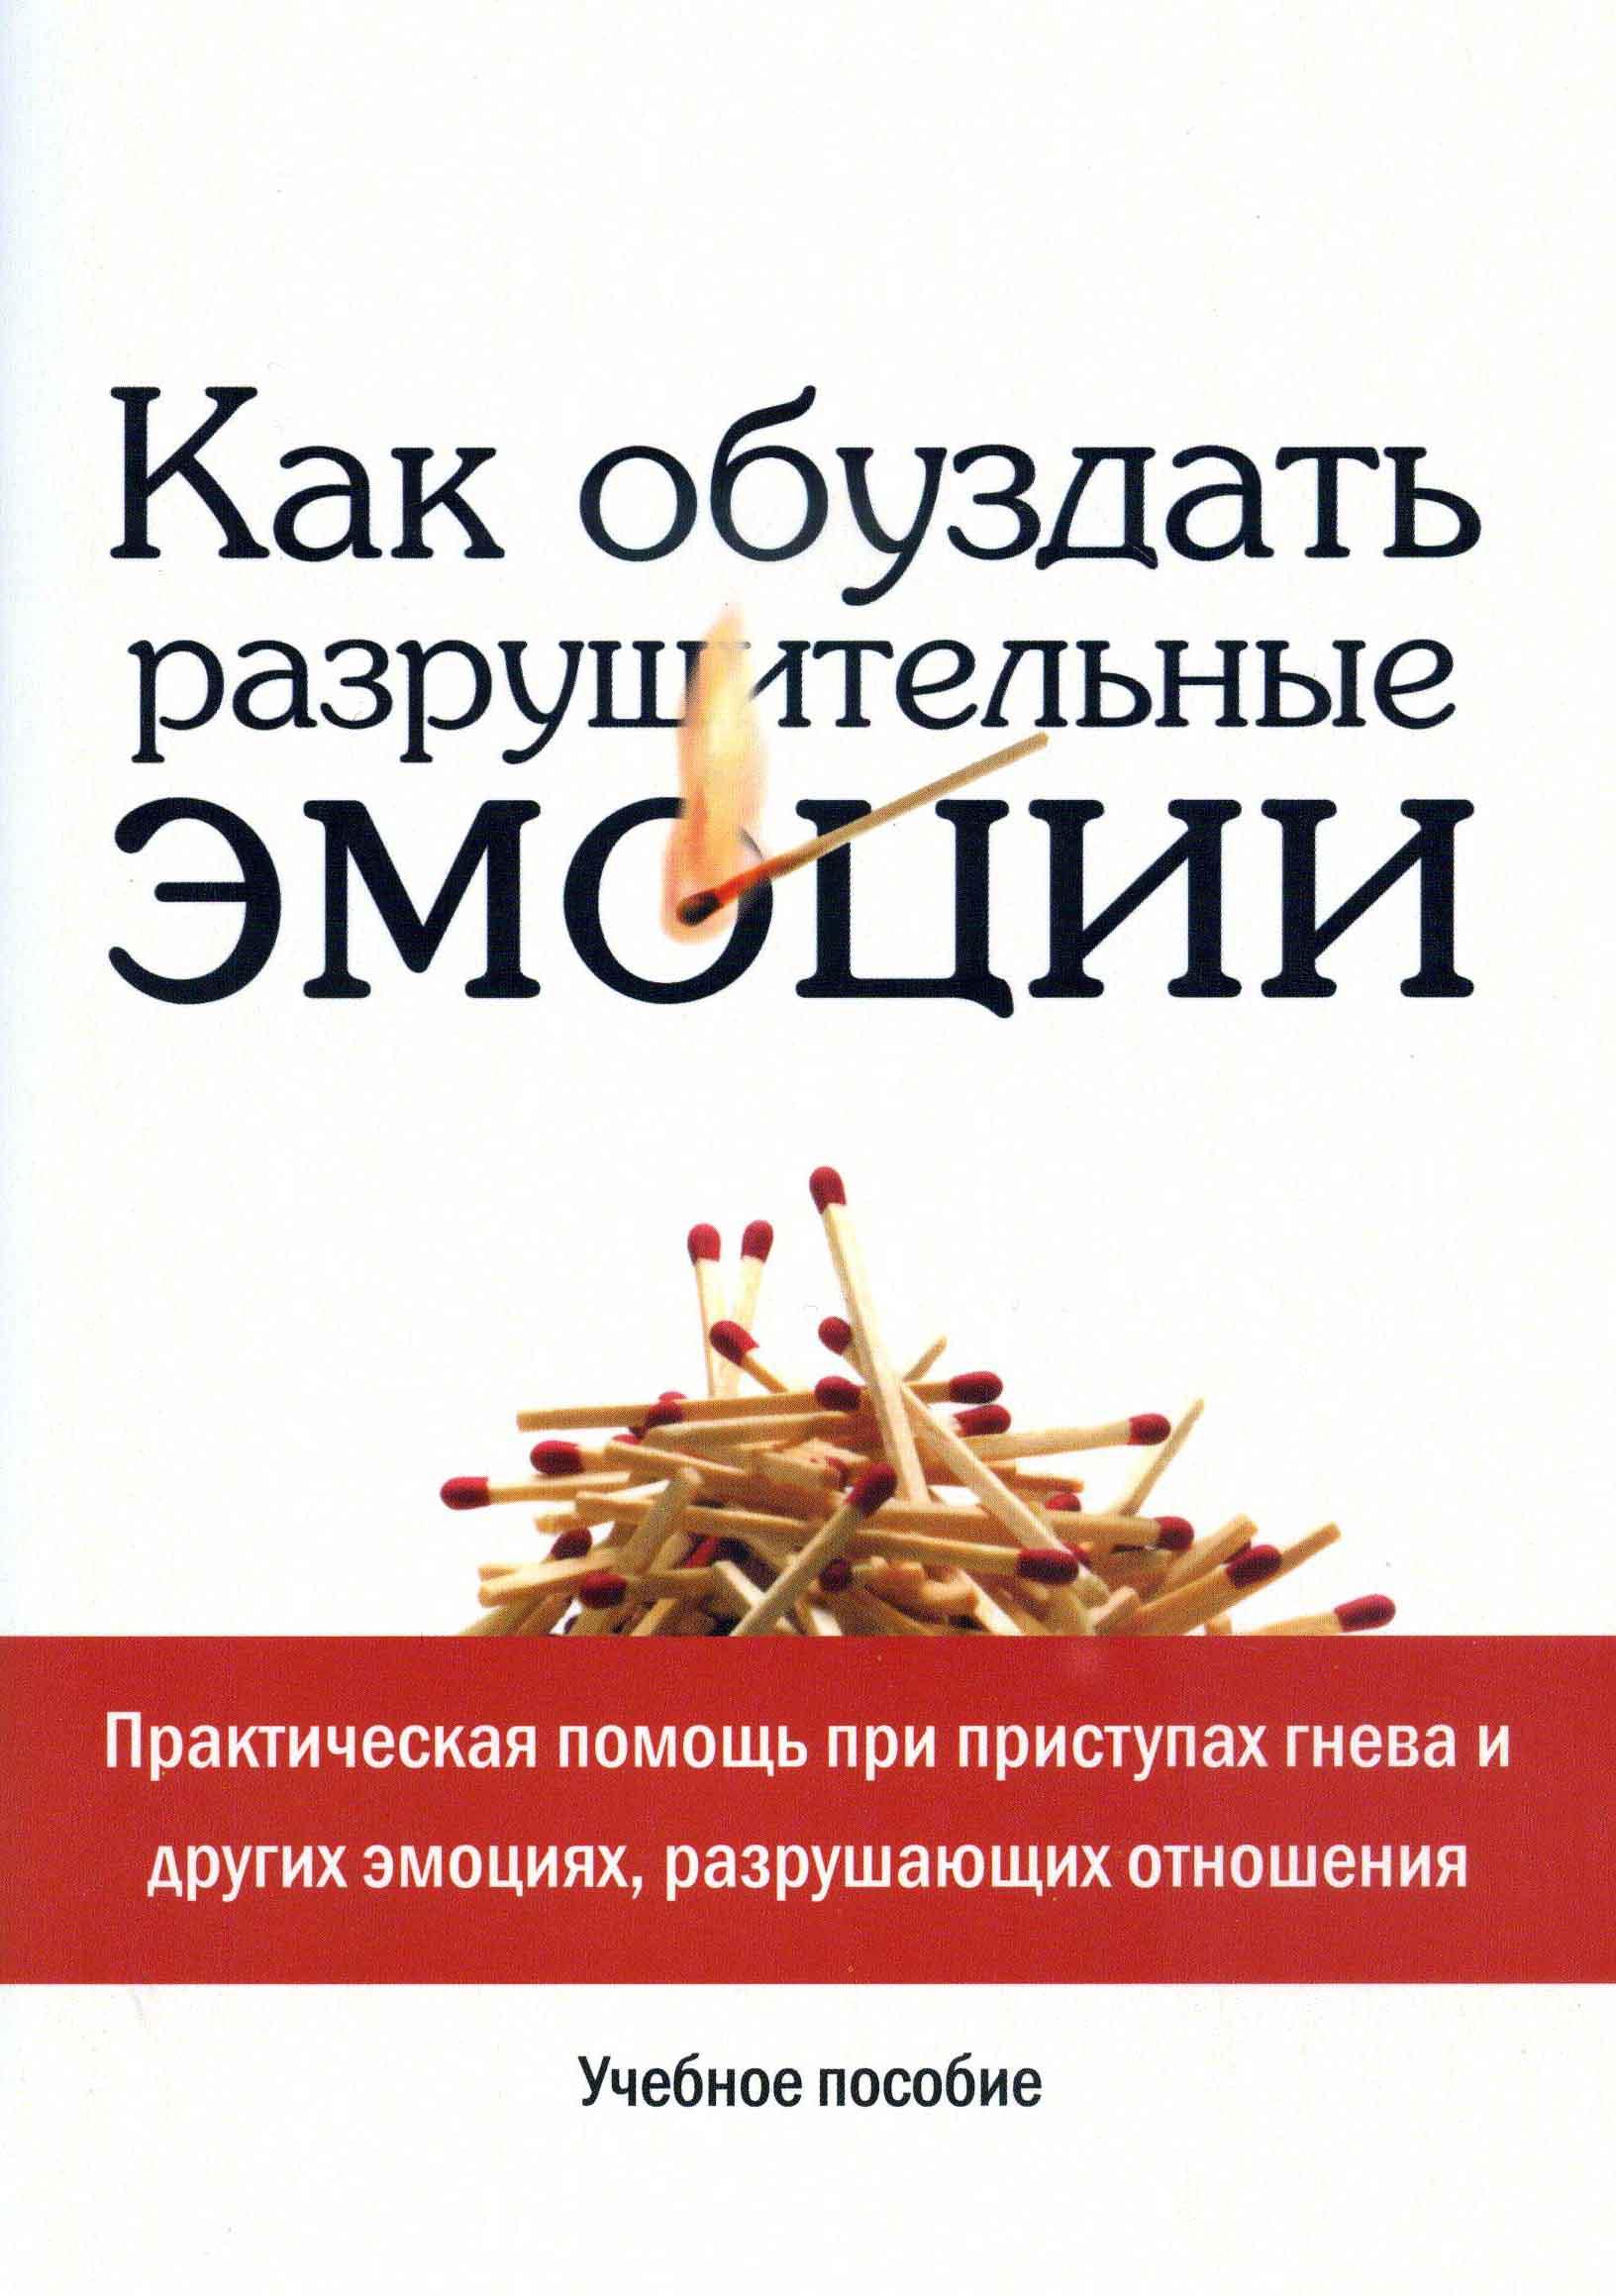 trahaet-staruyu-ne-russkuyu-babu